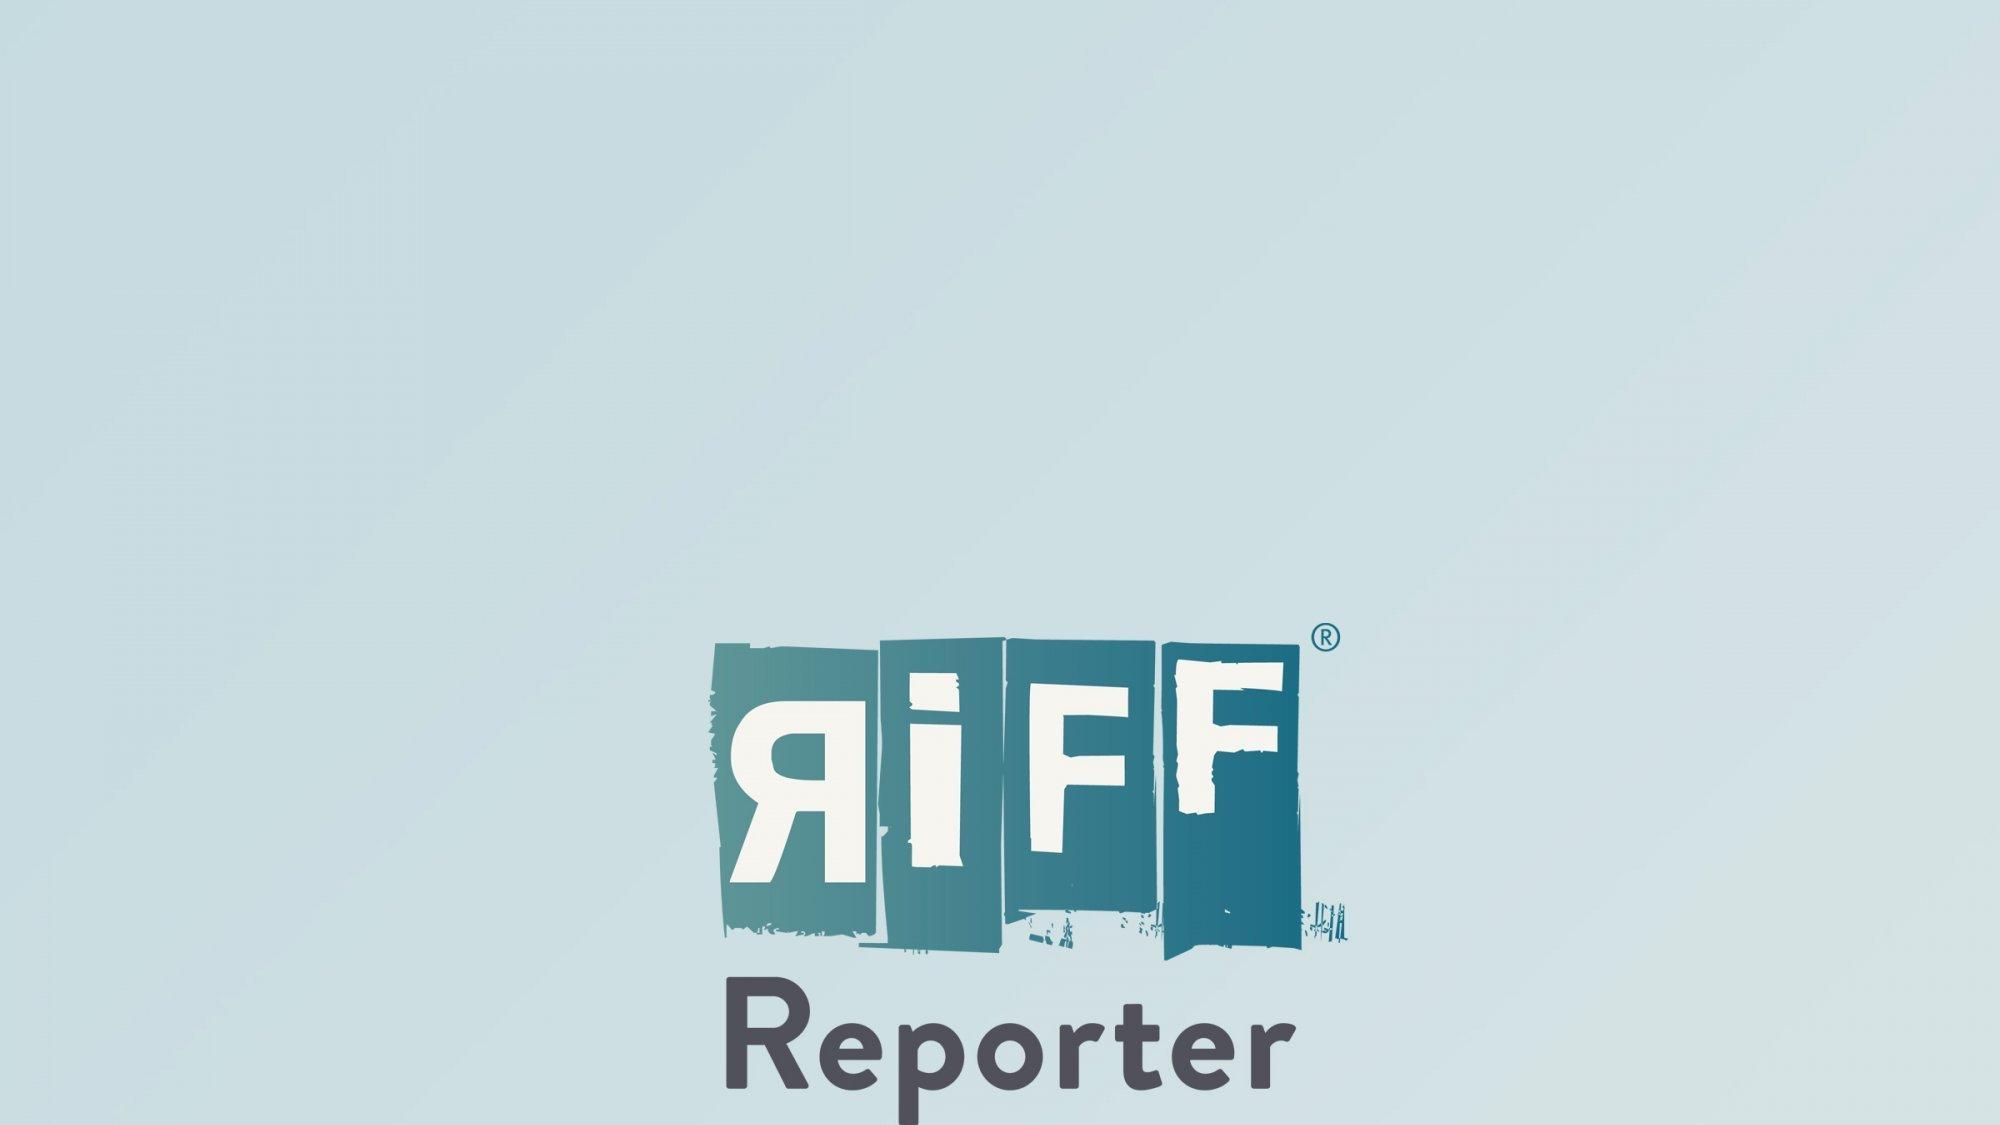 Bundeskanzlerin Angela Merkel hinter einem Rednerpult. Im Hintergrund grüne Pflanzen.